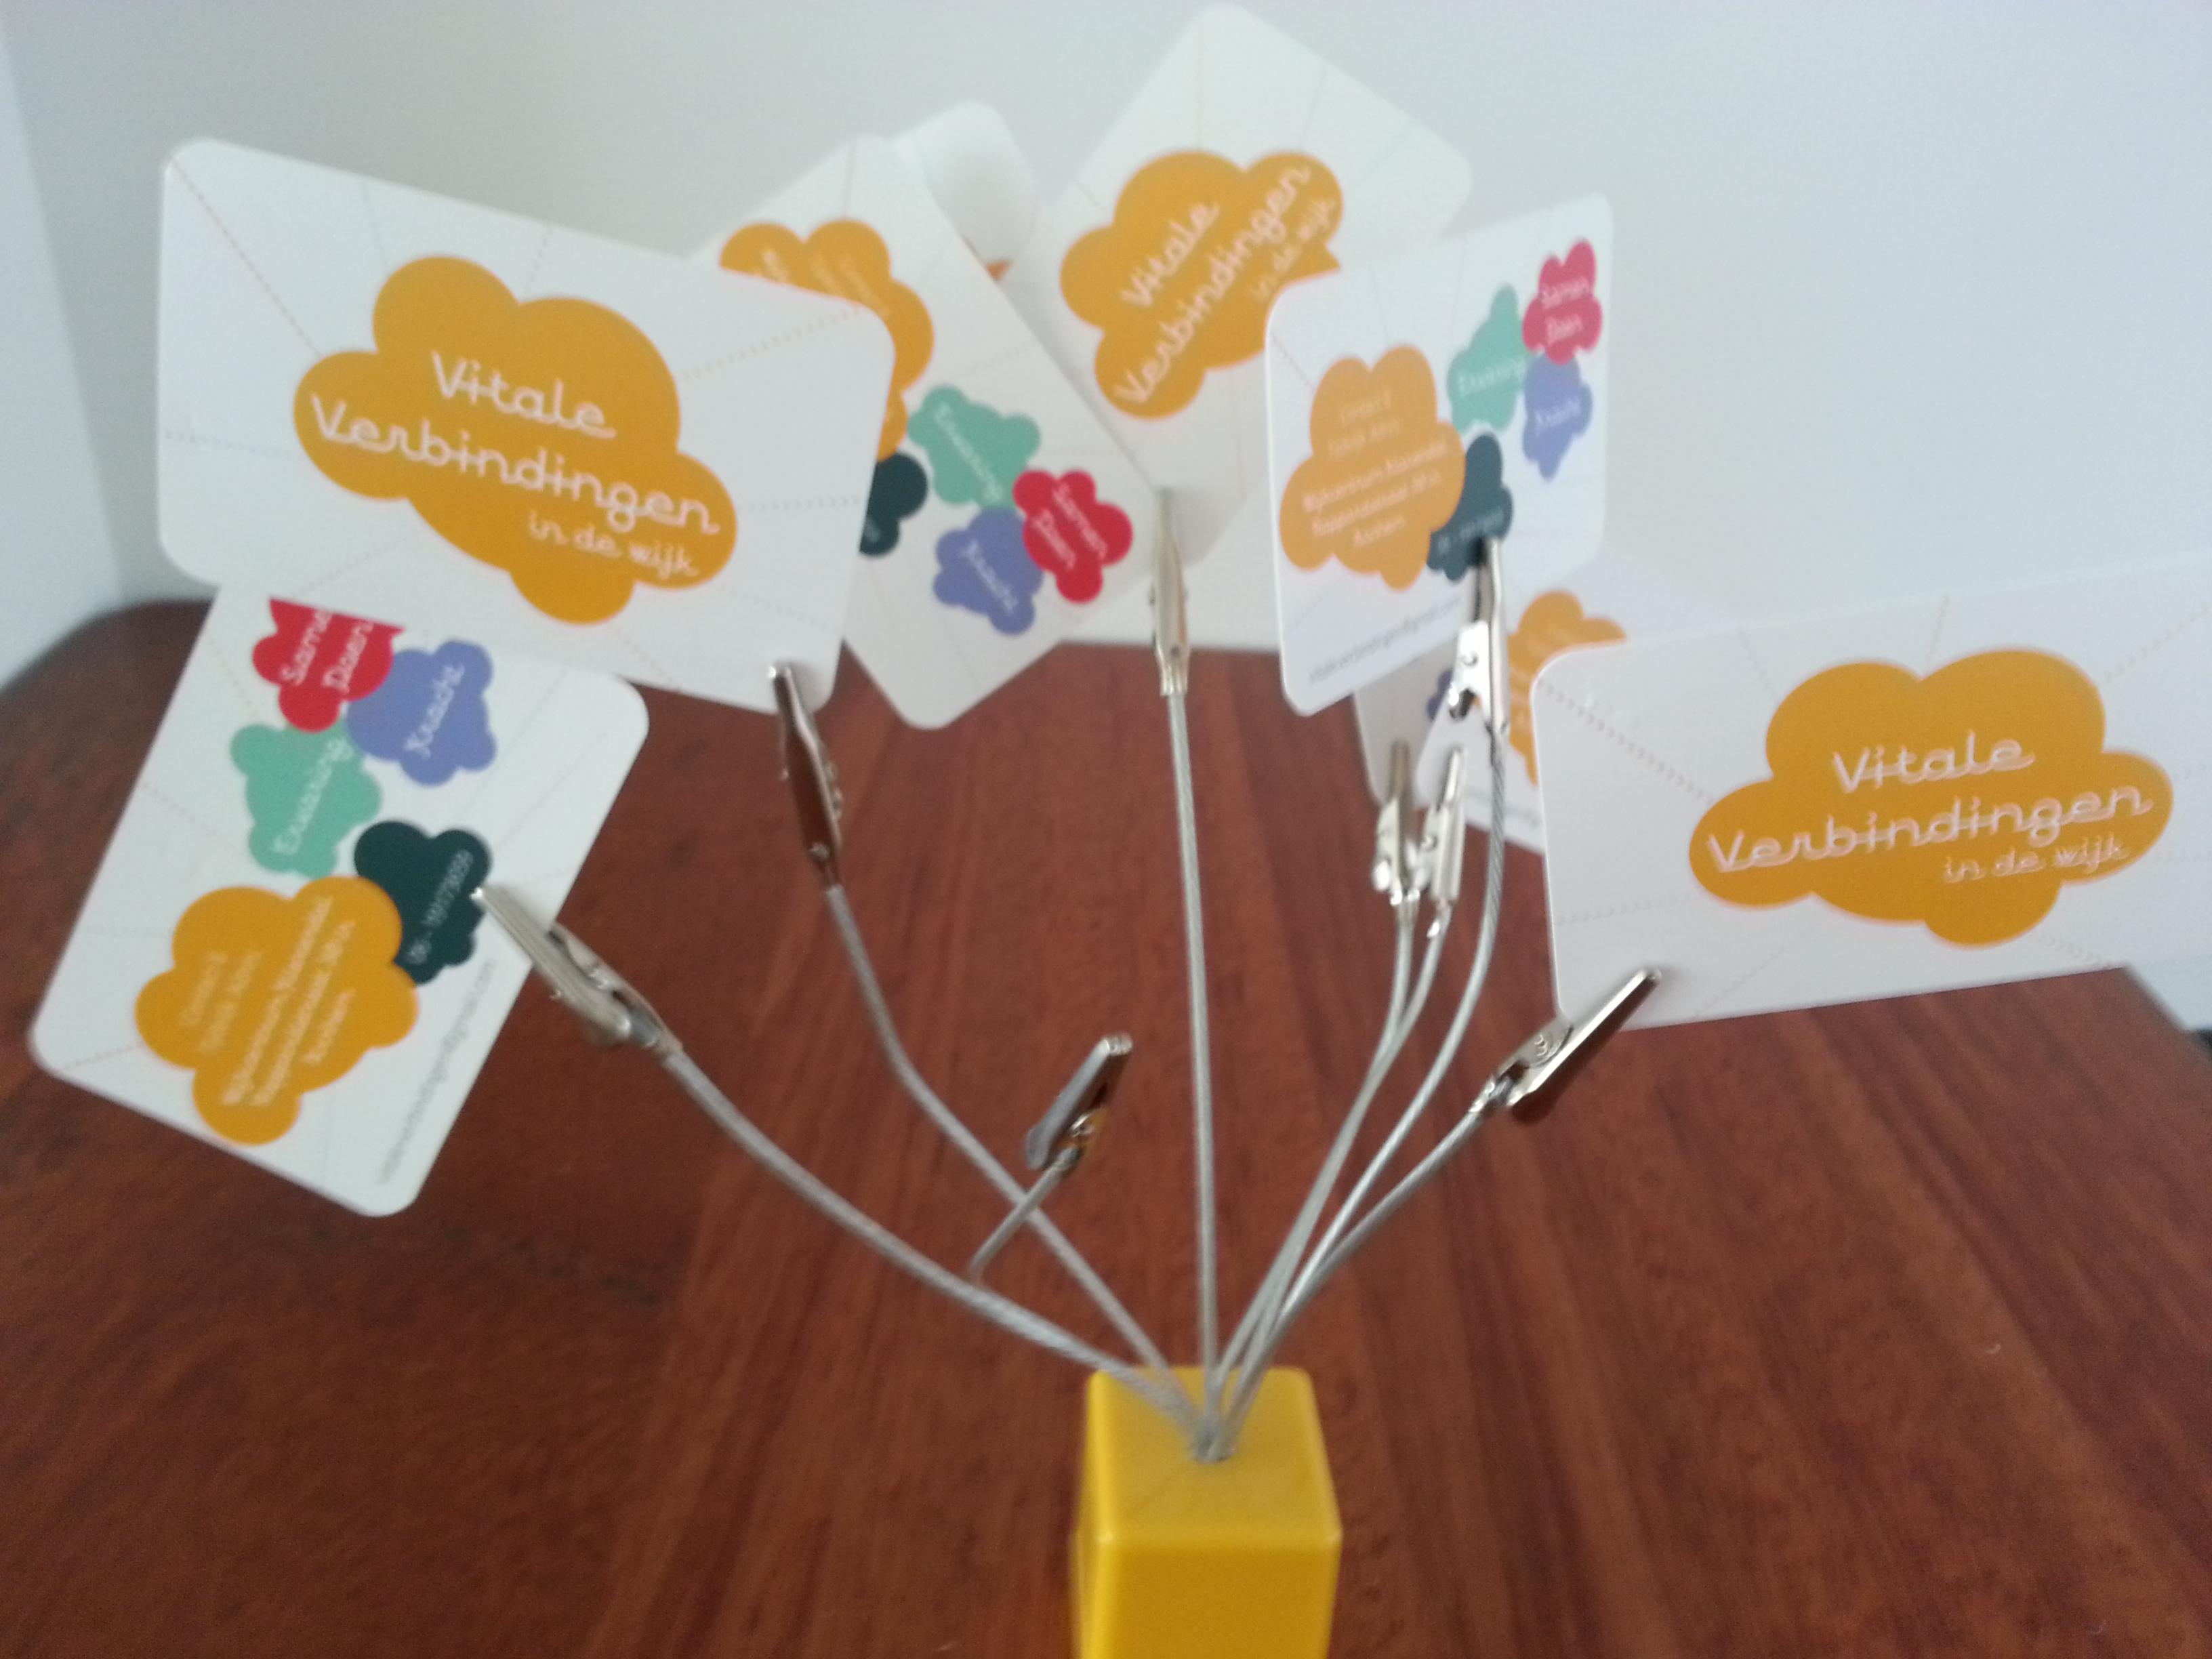 Vitale Verbindingen Presenteert Zomerschool 2015 Voor